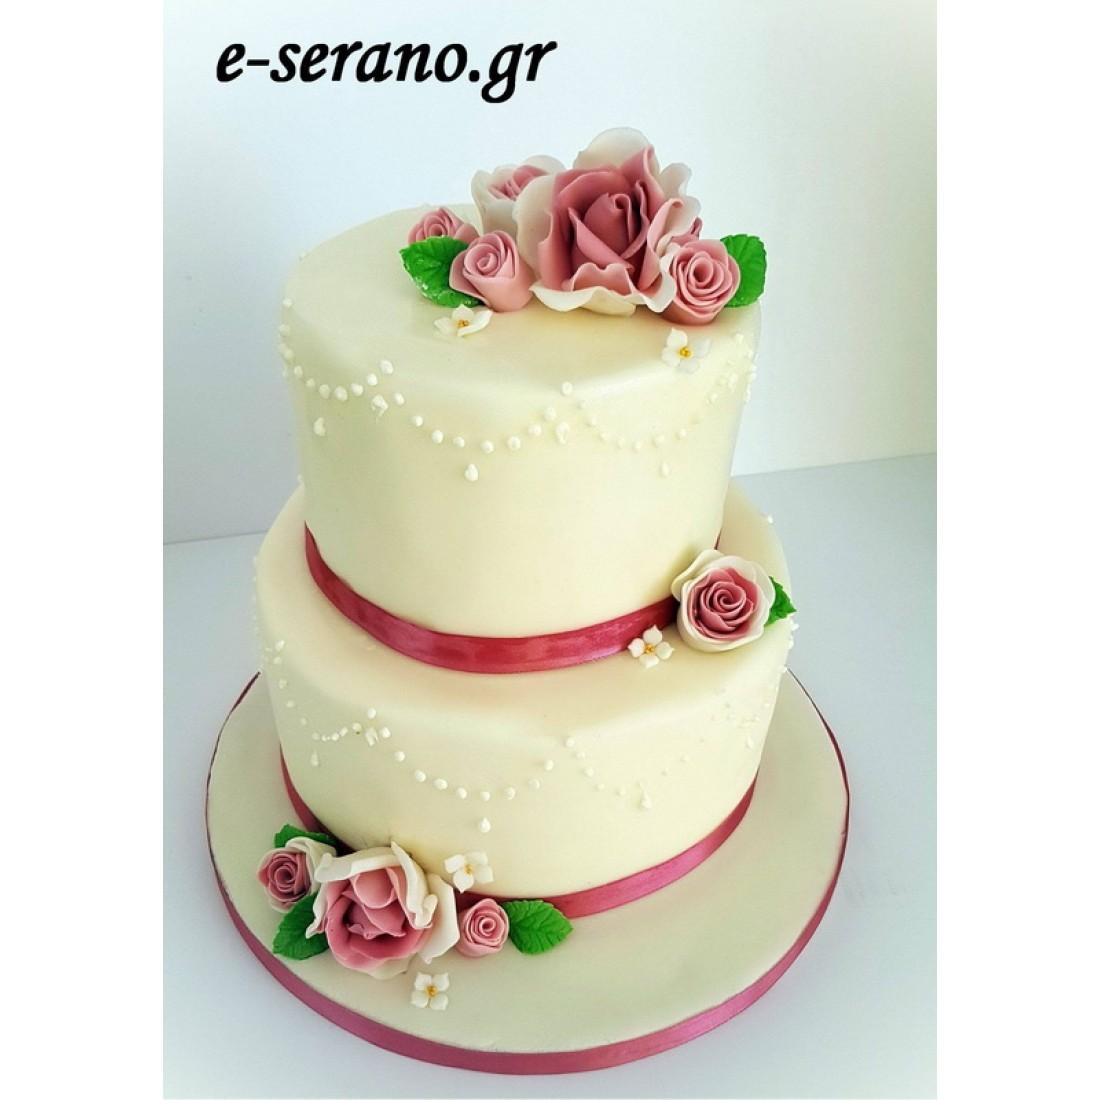 8150d3bad916 Τούρτα γάμου σάπιο μήλο λουλούδια